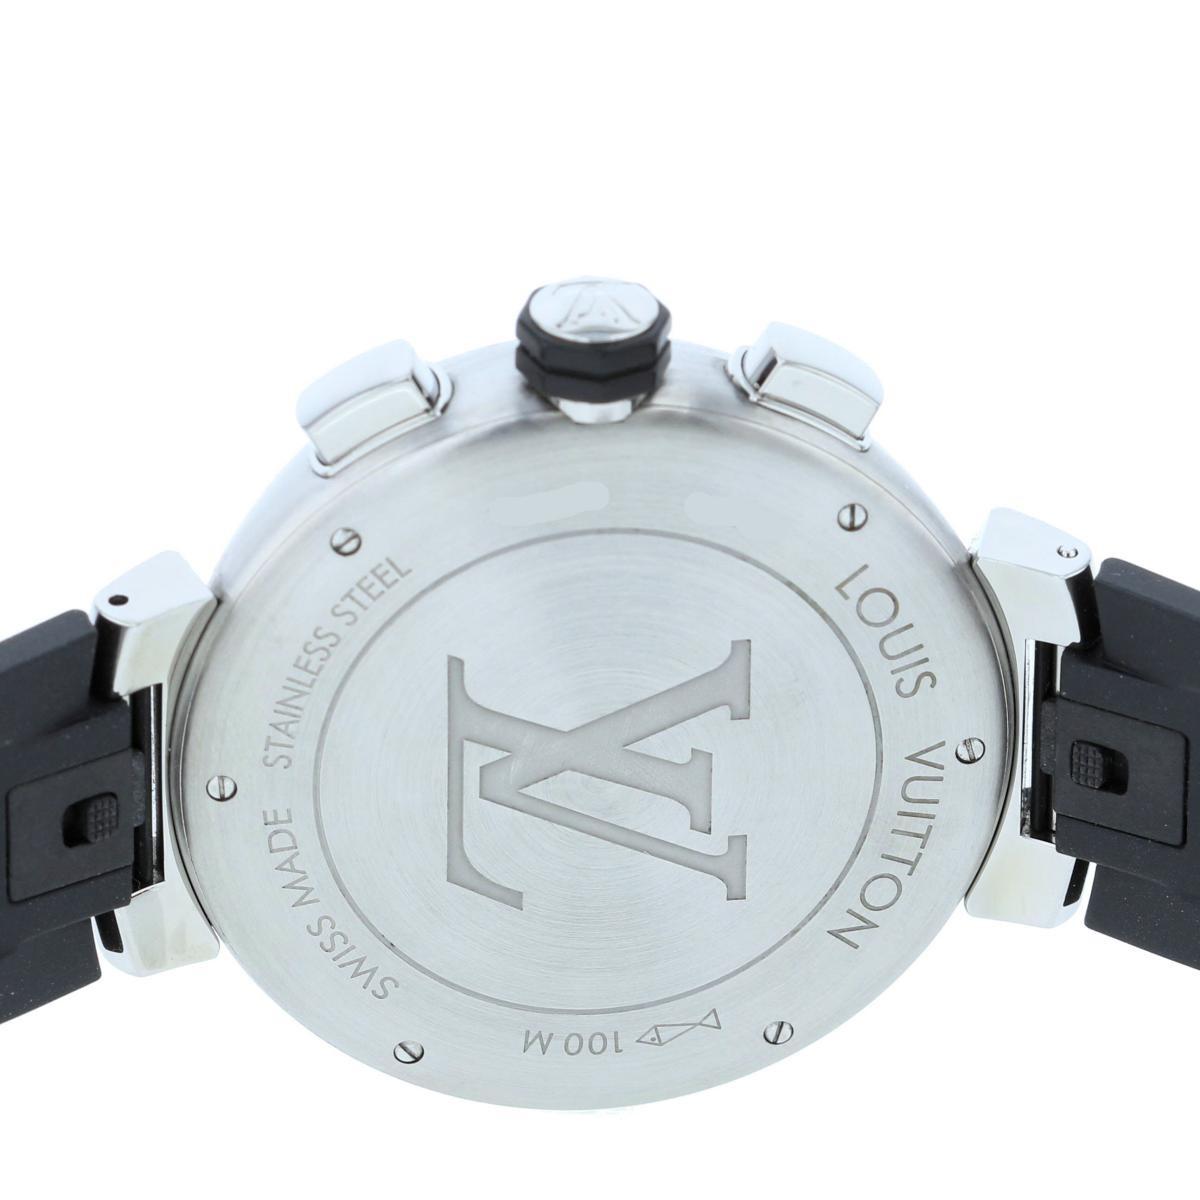 【お値下げ品】【即日発送・水曜定休日・木曜発送】【美品】【中古】【RI】 LOUIS VUITTON (ルイヴィトン) タンブール レガッタ クロノグラフ 時計 自動巻き/メンズ TAMBOUR Blue/ブルー Q102V used:A